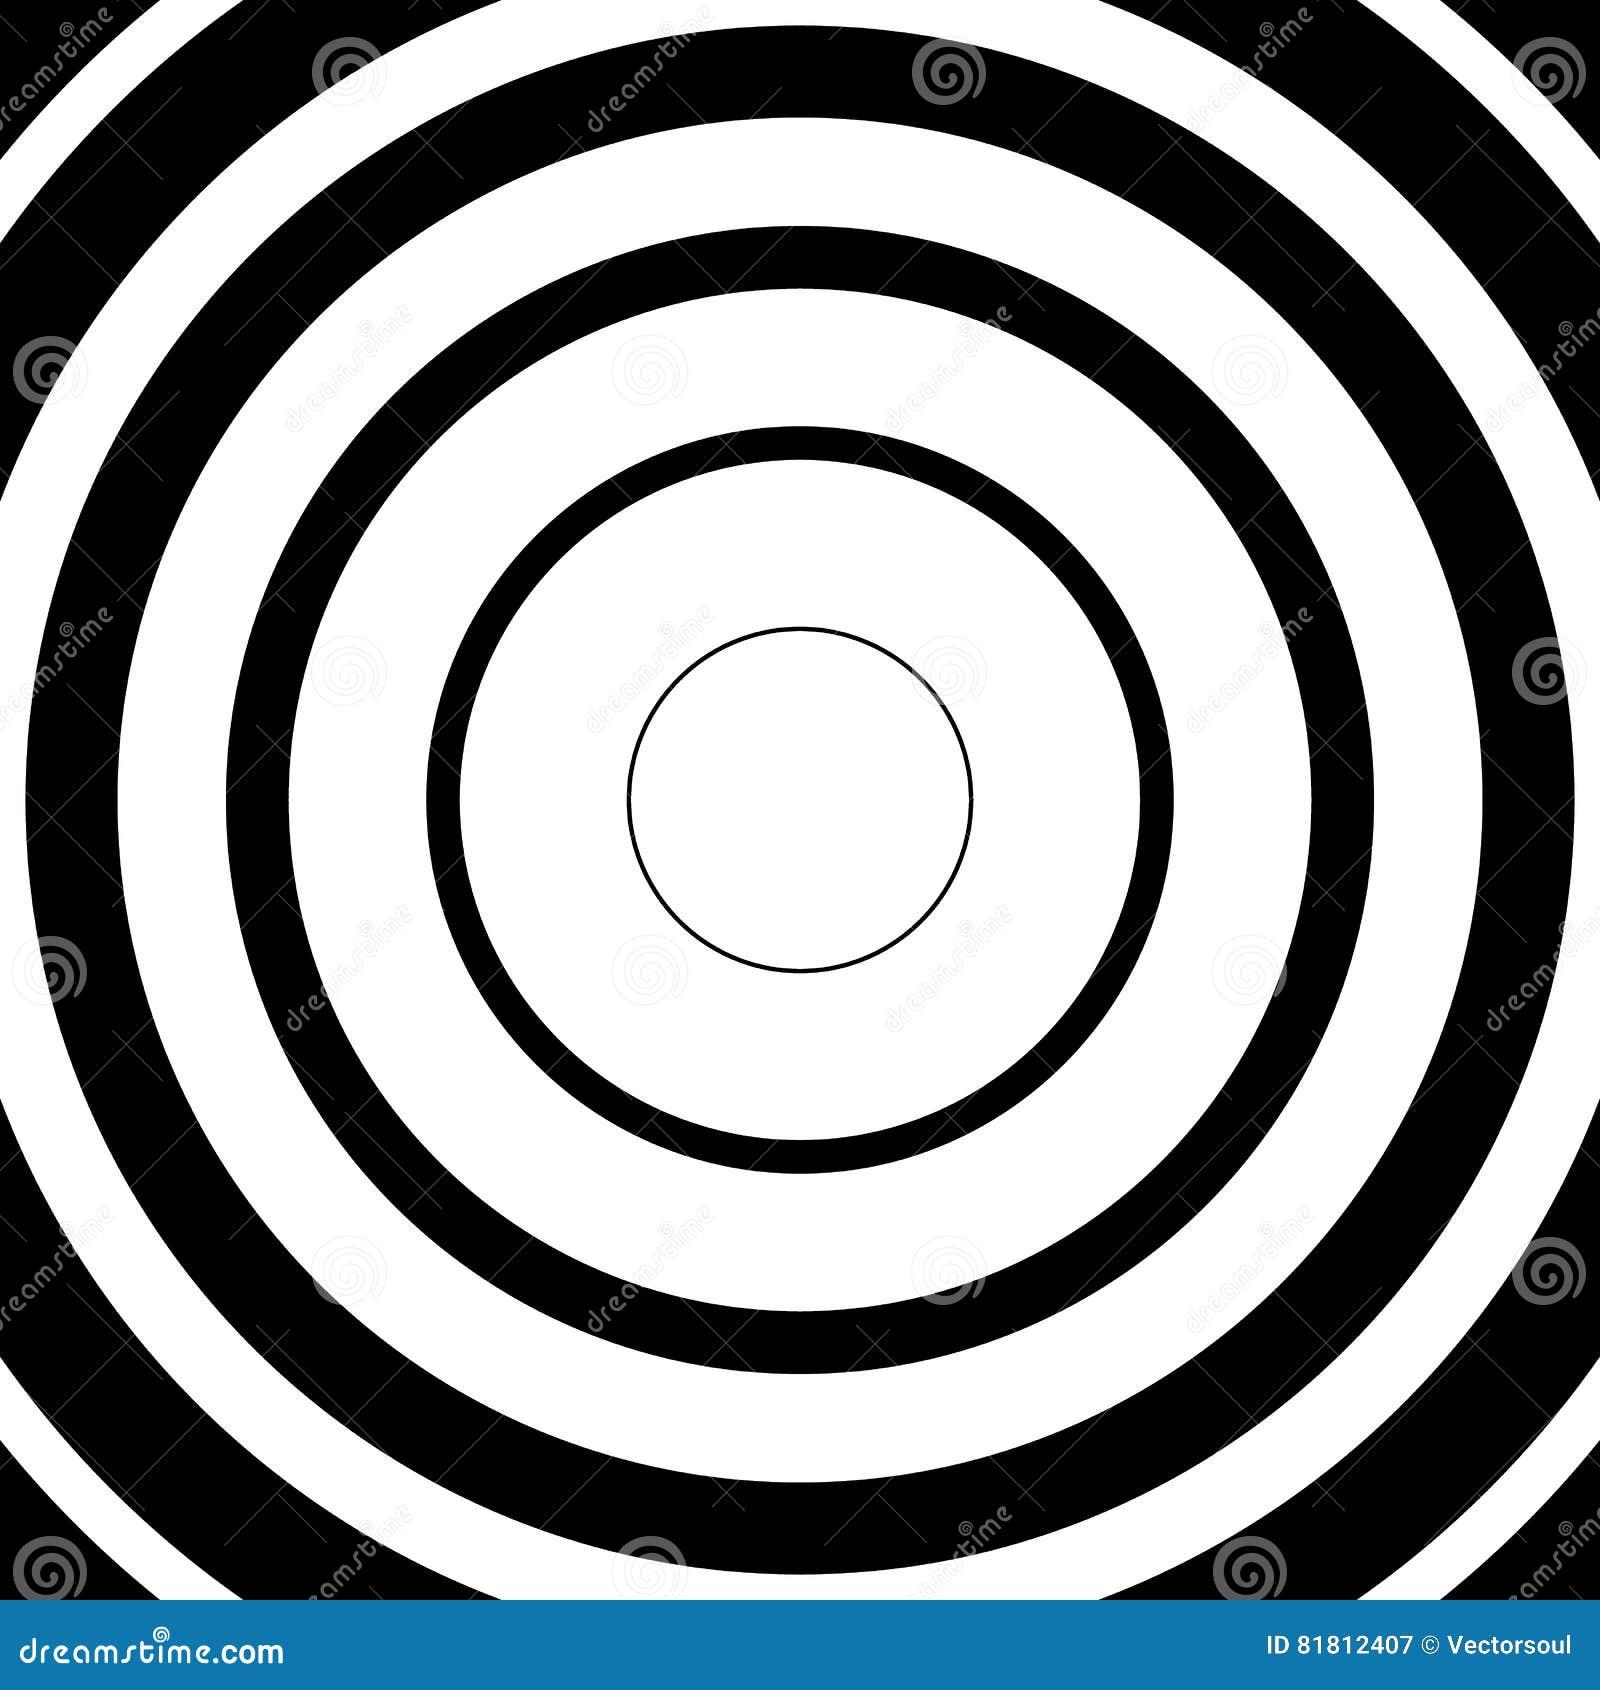 Концентрические круги, радиальные линии картины Monochrome конспект